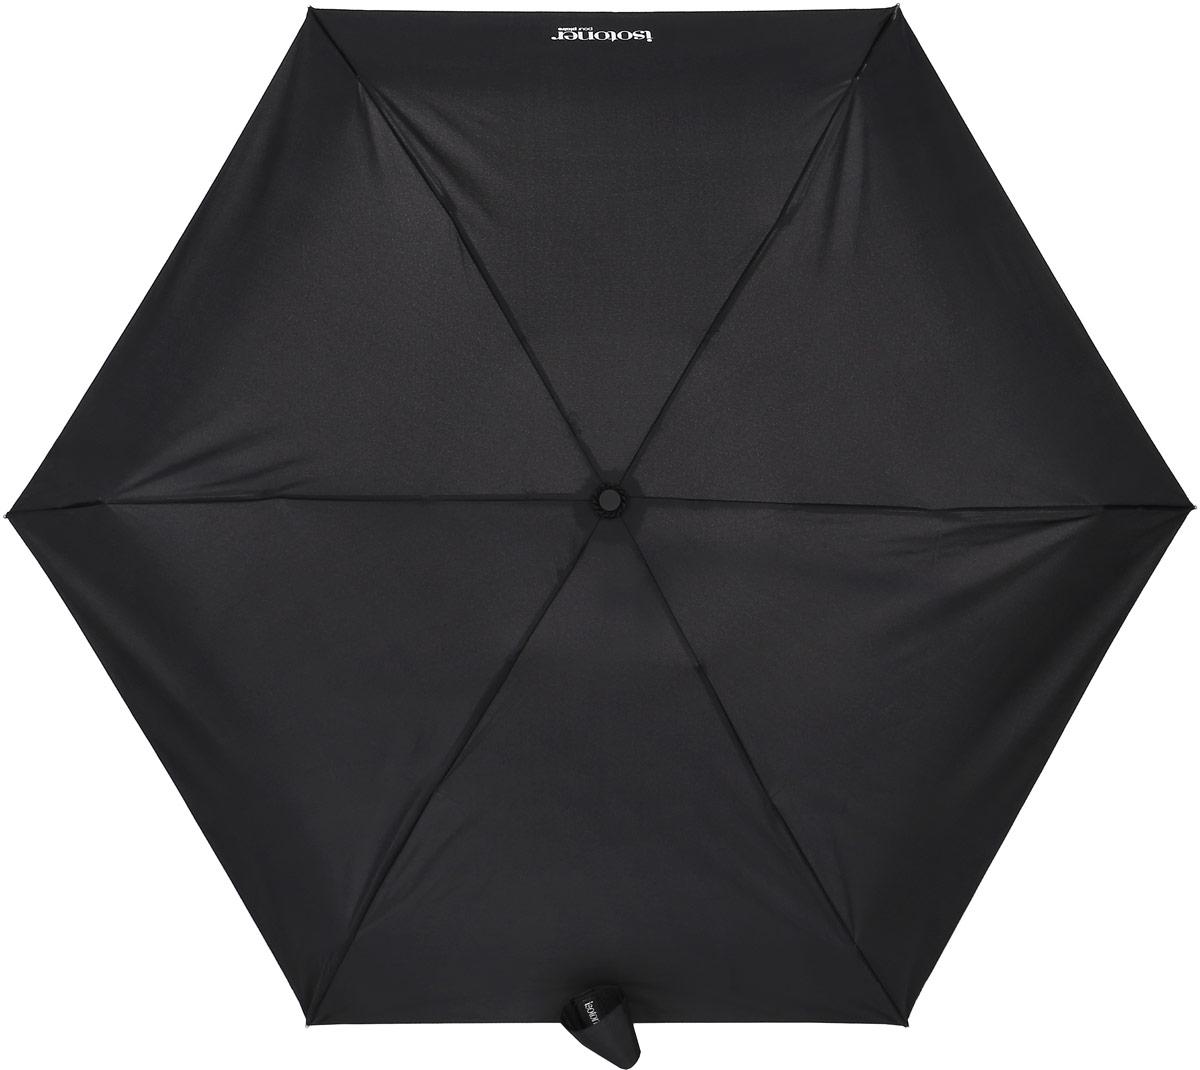 Зонт Isotoner, механический, 5 сложений, цвет: черный. 09137-1K60K603557_0130Компактный зонт Isotoner выполнен из металла, пластика.Каркас зонта выполнен из шести спиц на прочном стержне. Купол зонта изготовлен прочного полиэстера. Закрытый купол застегивается на липучку хлястиком. Практичная рукоятка закругленной формы разработана с учетом требований эргономики.Зонт складывается и раскладывается механическим способом.Такой зонт не только надежно защитит от дождя, но и станет стильным аксессуаром.